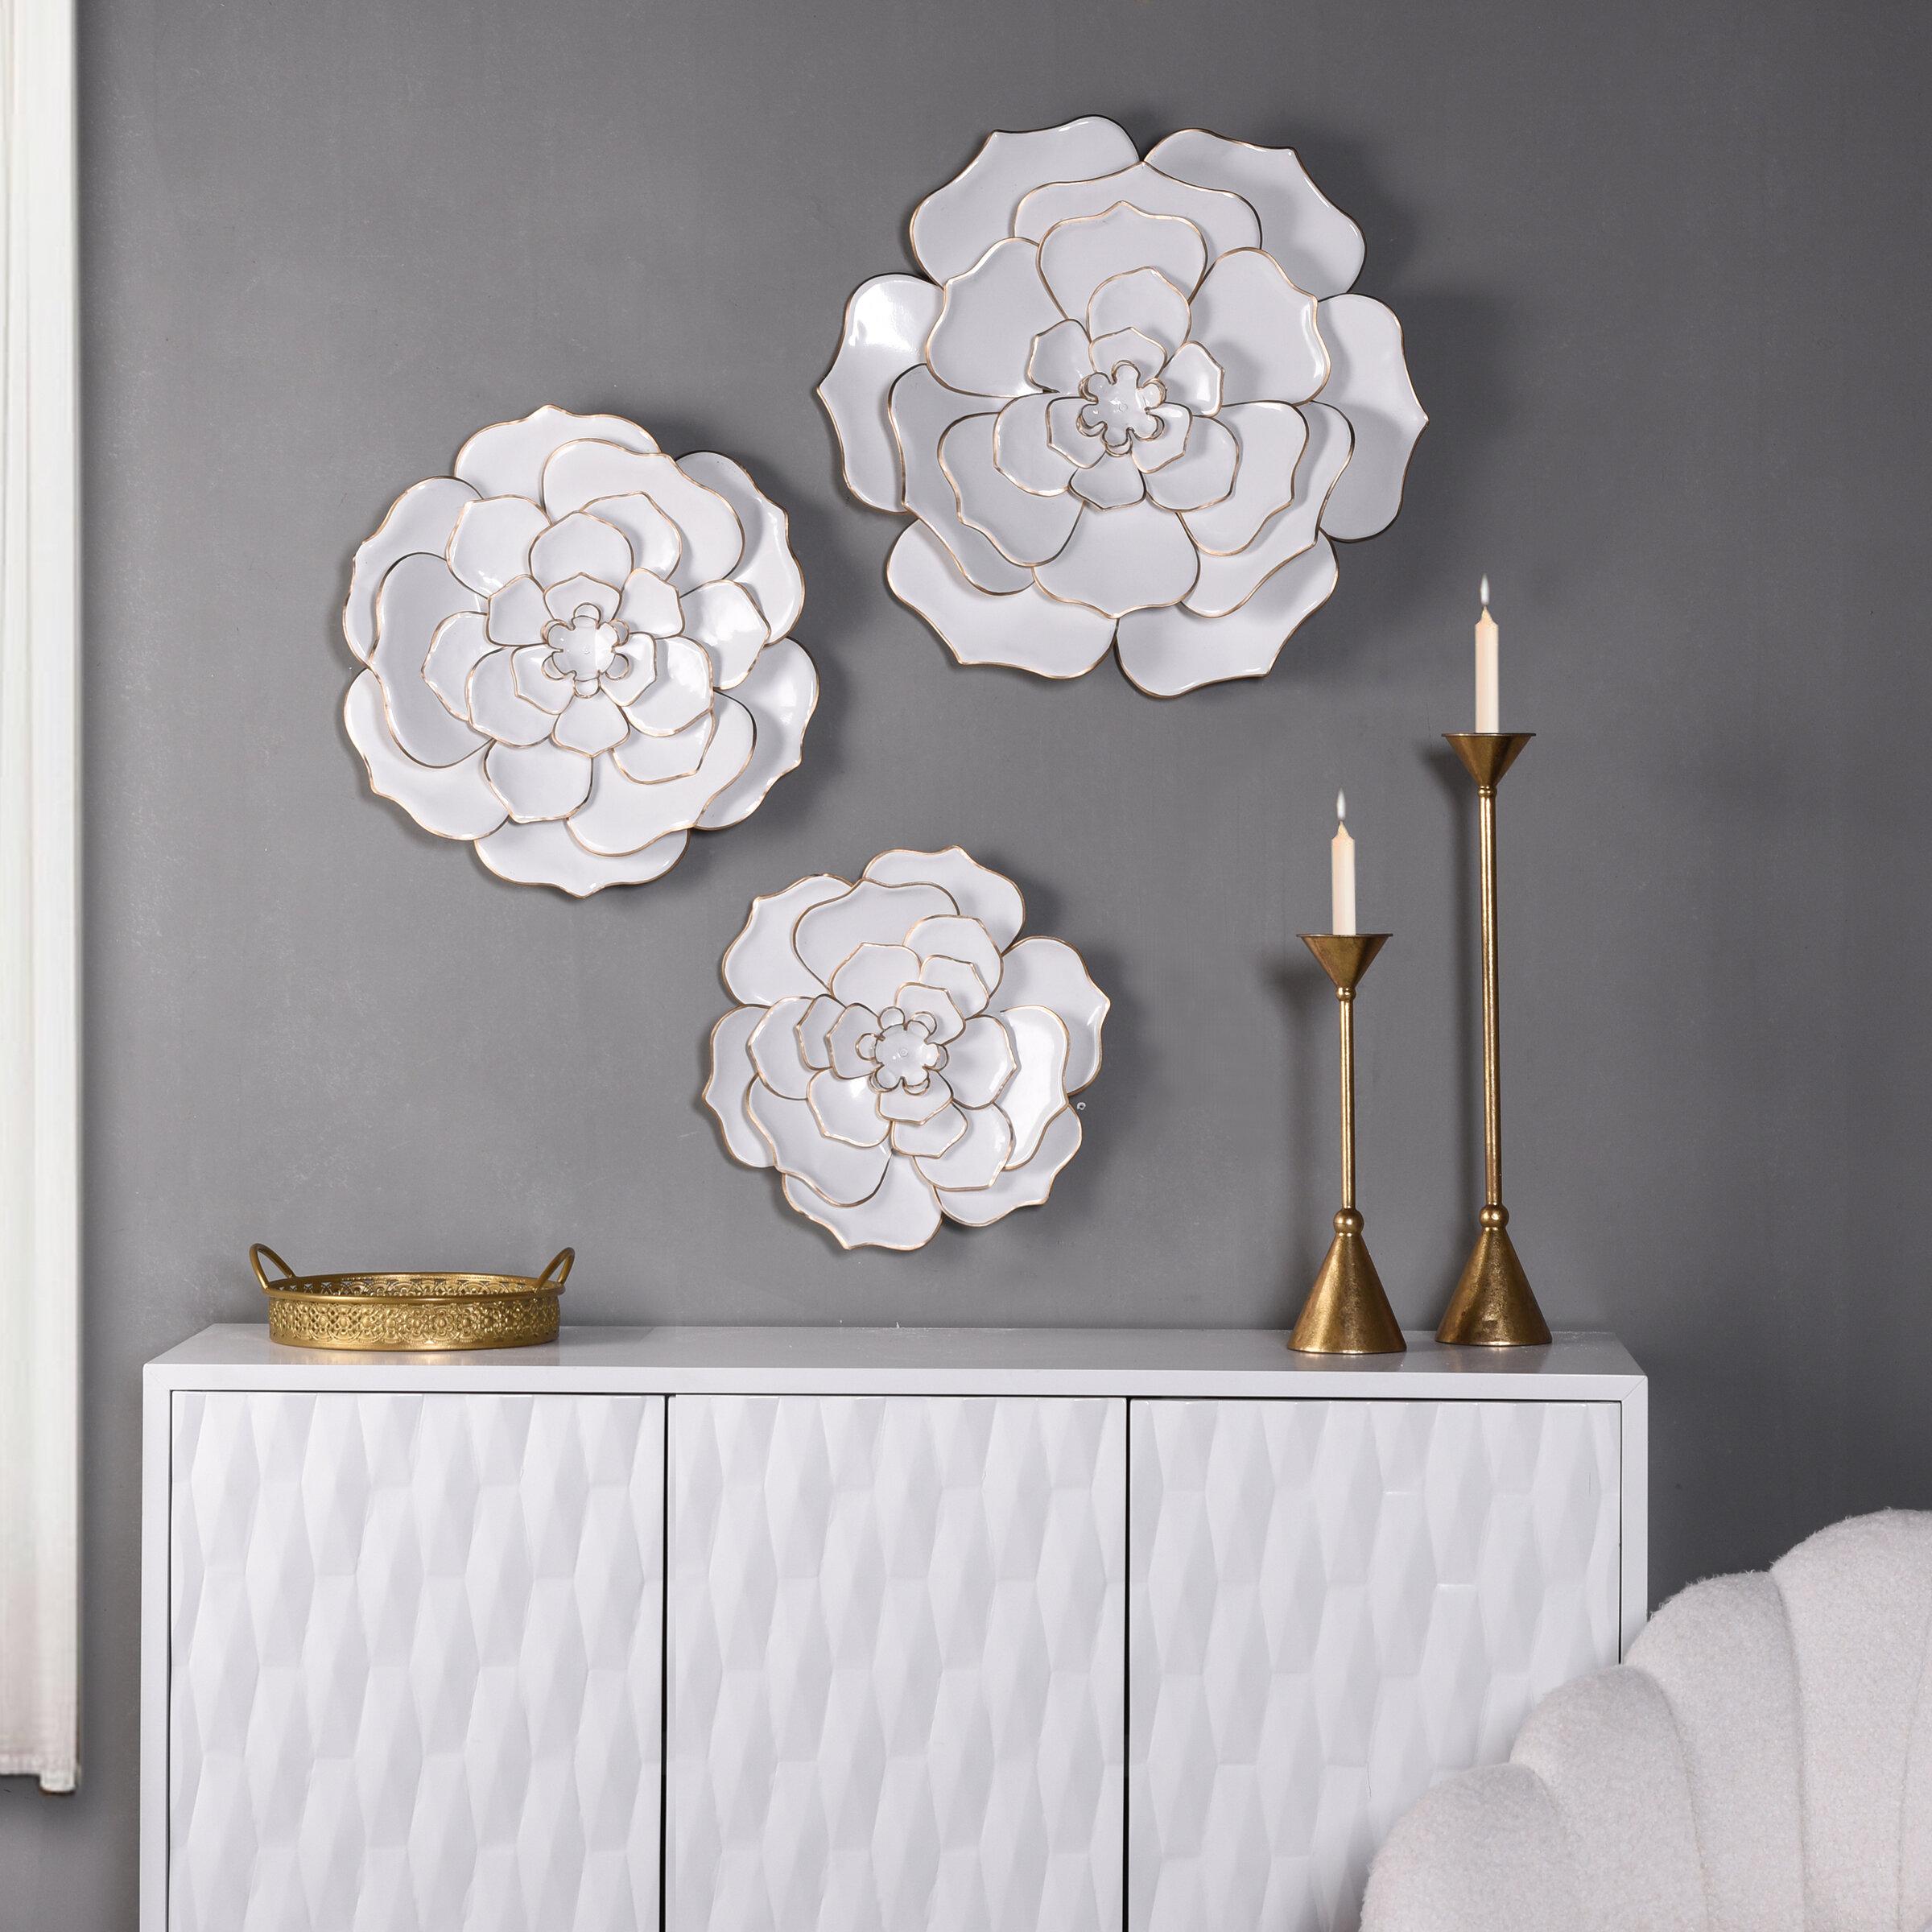 Everly Quinn 3 Piece Floral Metal Wall Decor Set Reviews Wayfair